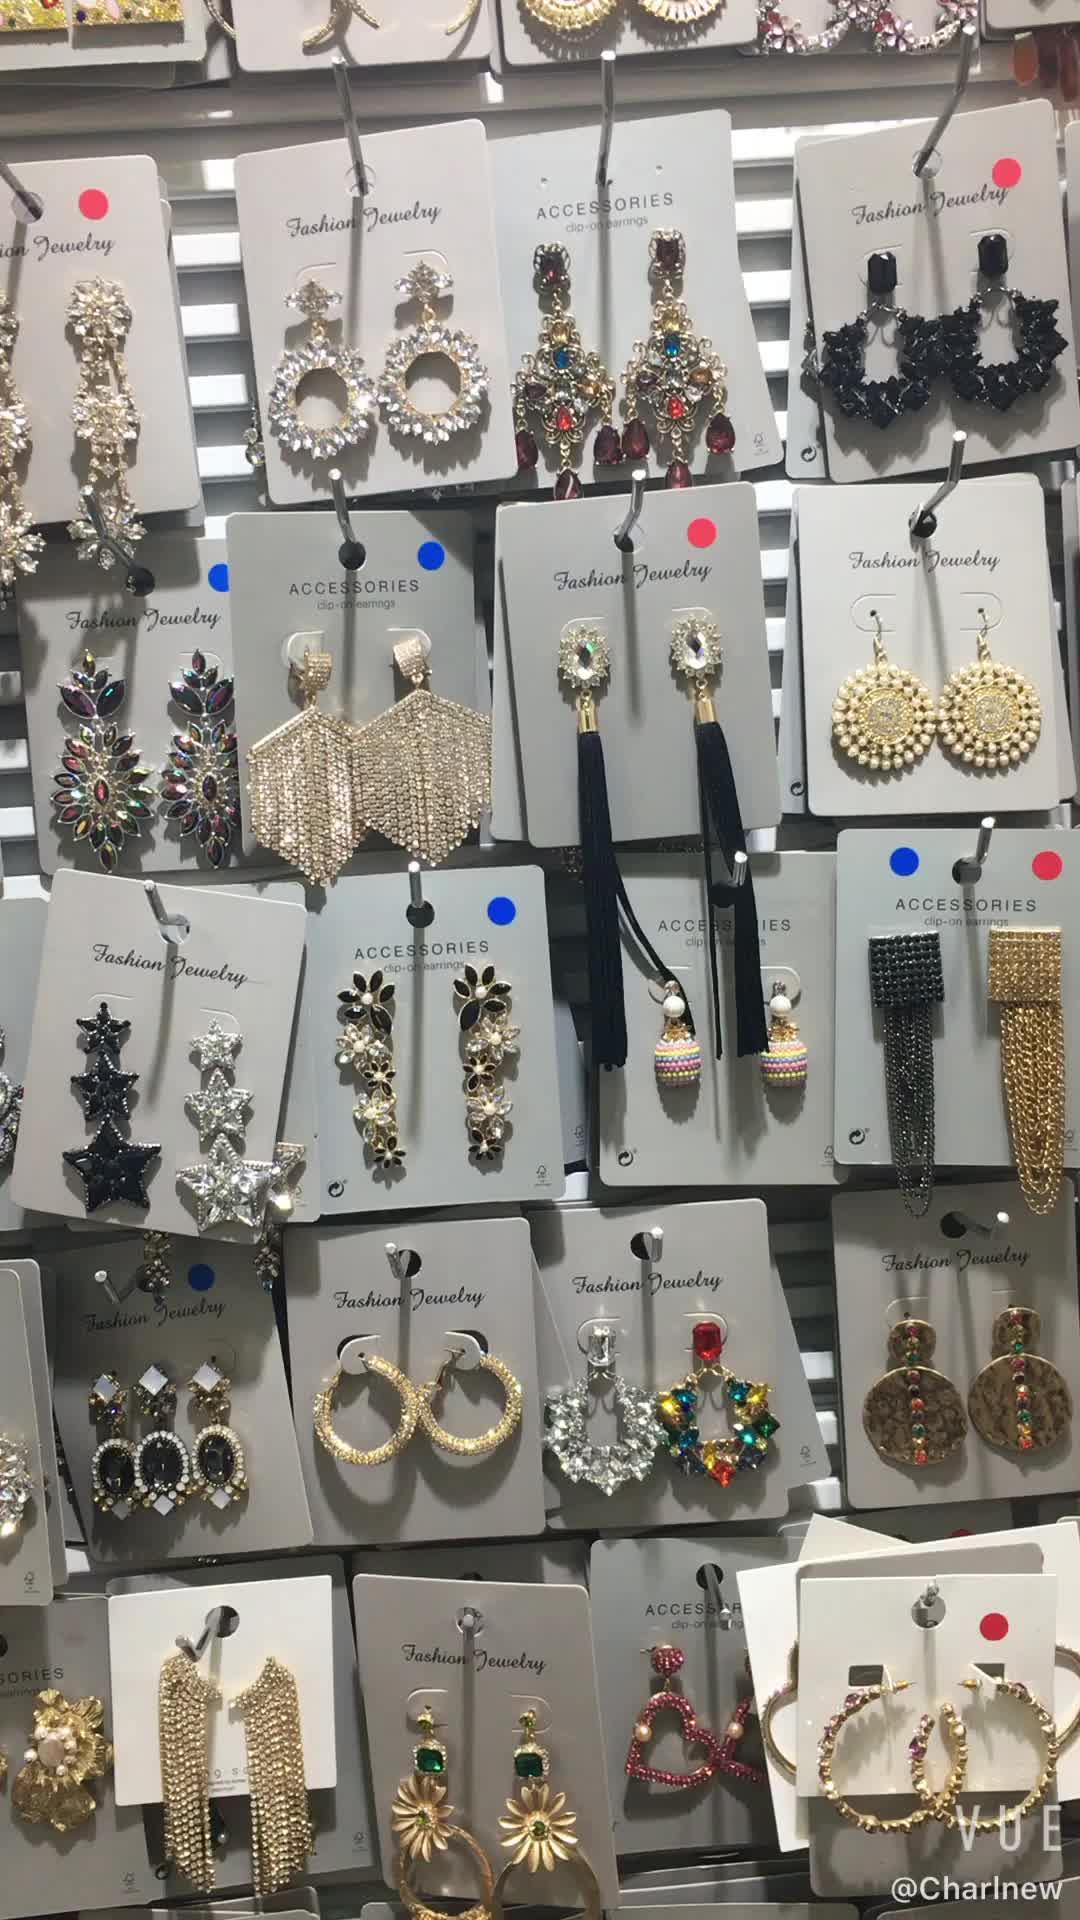 ZA 웨딩 쥬얼리 30 디자인 매달려 진술 귀걸이 한국 패션 핑크 수지 드롭 귀걸이